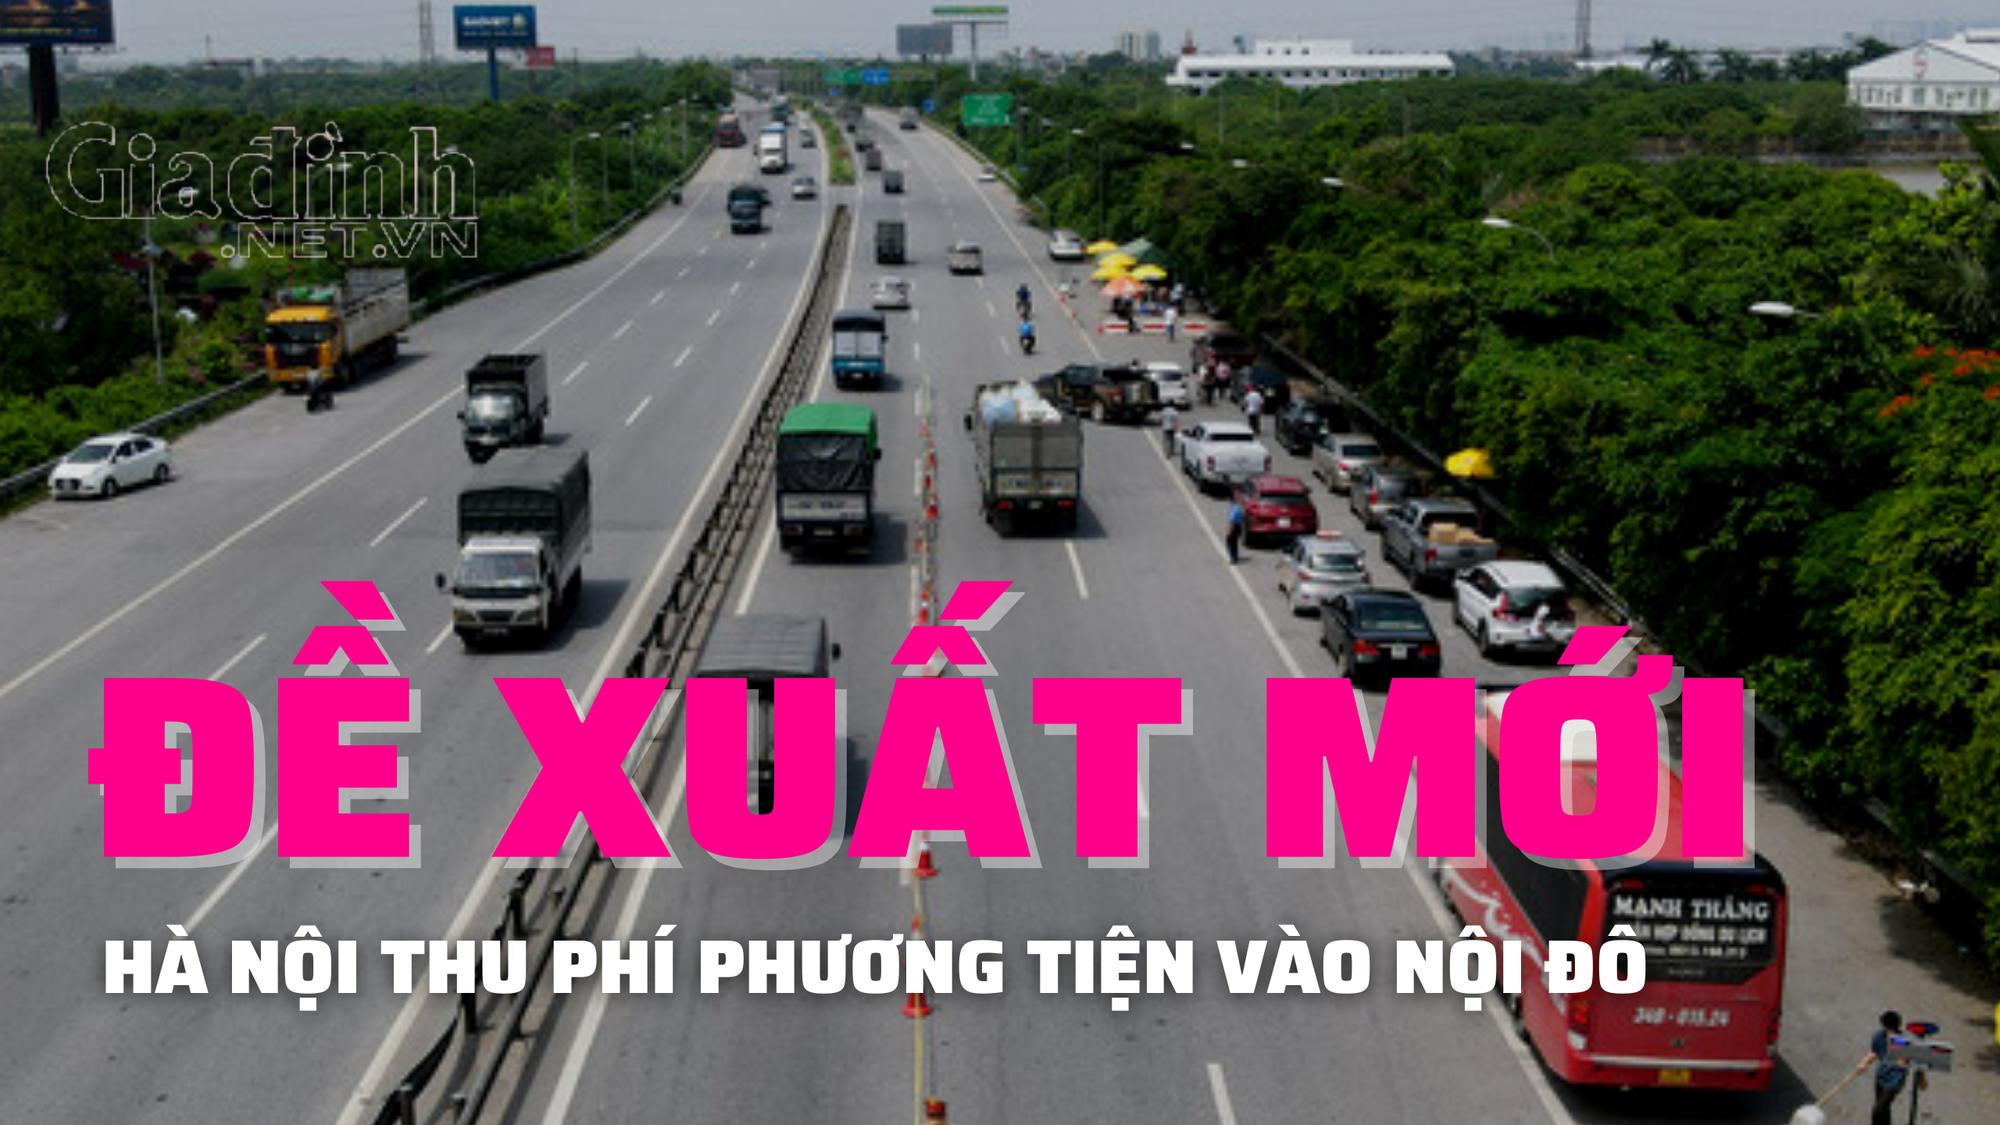 Hà Nội dự kiến thu phí xe vào nội đô từ 2025